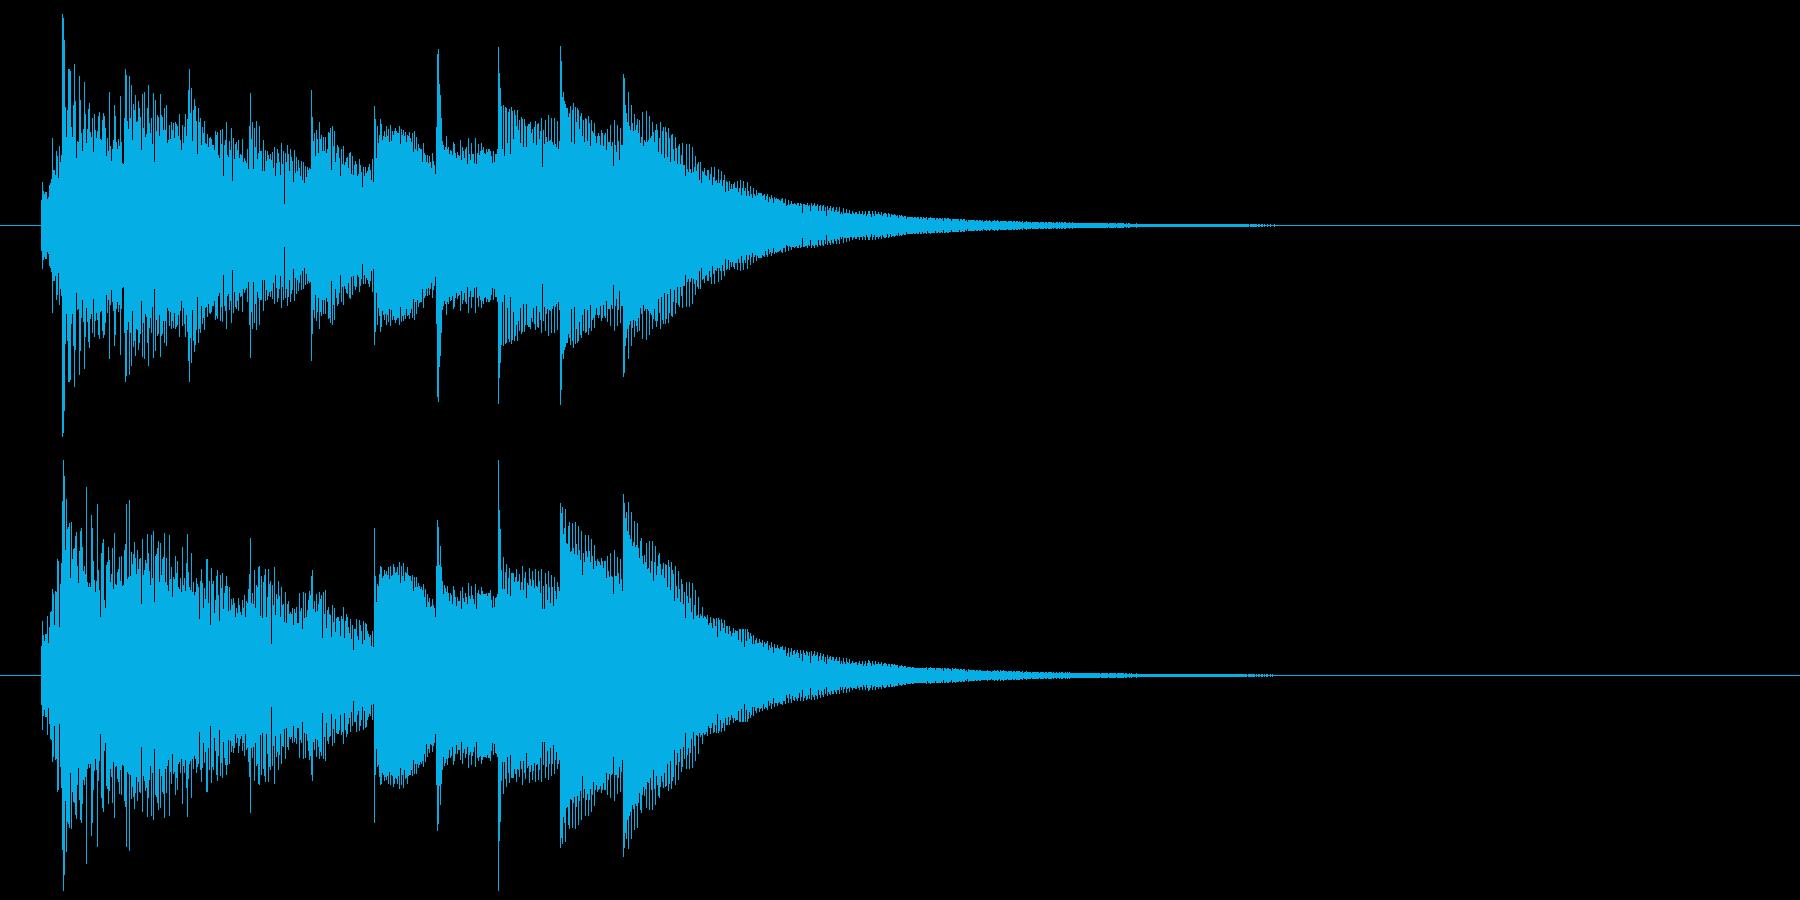 おしゃれで少し切ないオルゴールのジングルの再生済みの波形